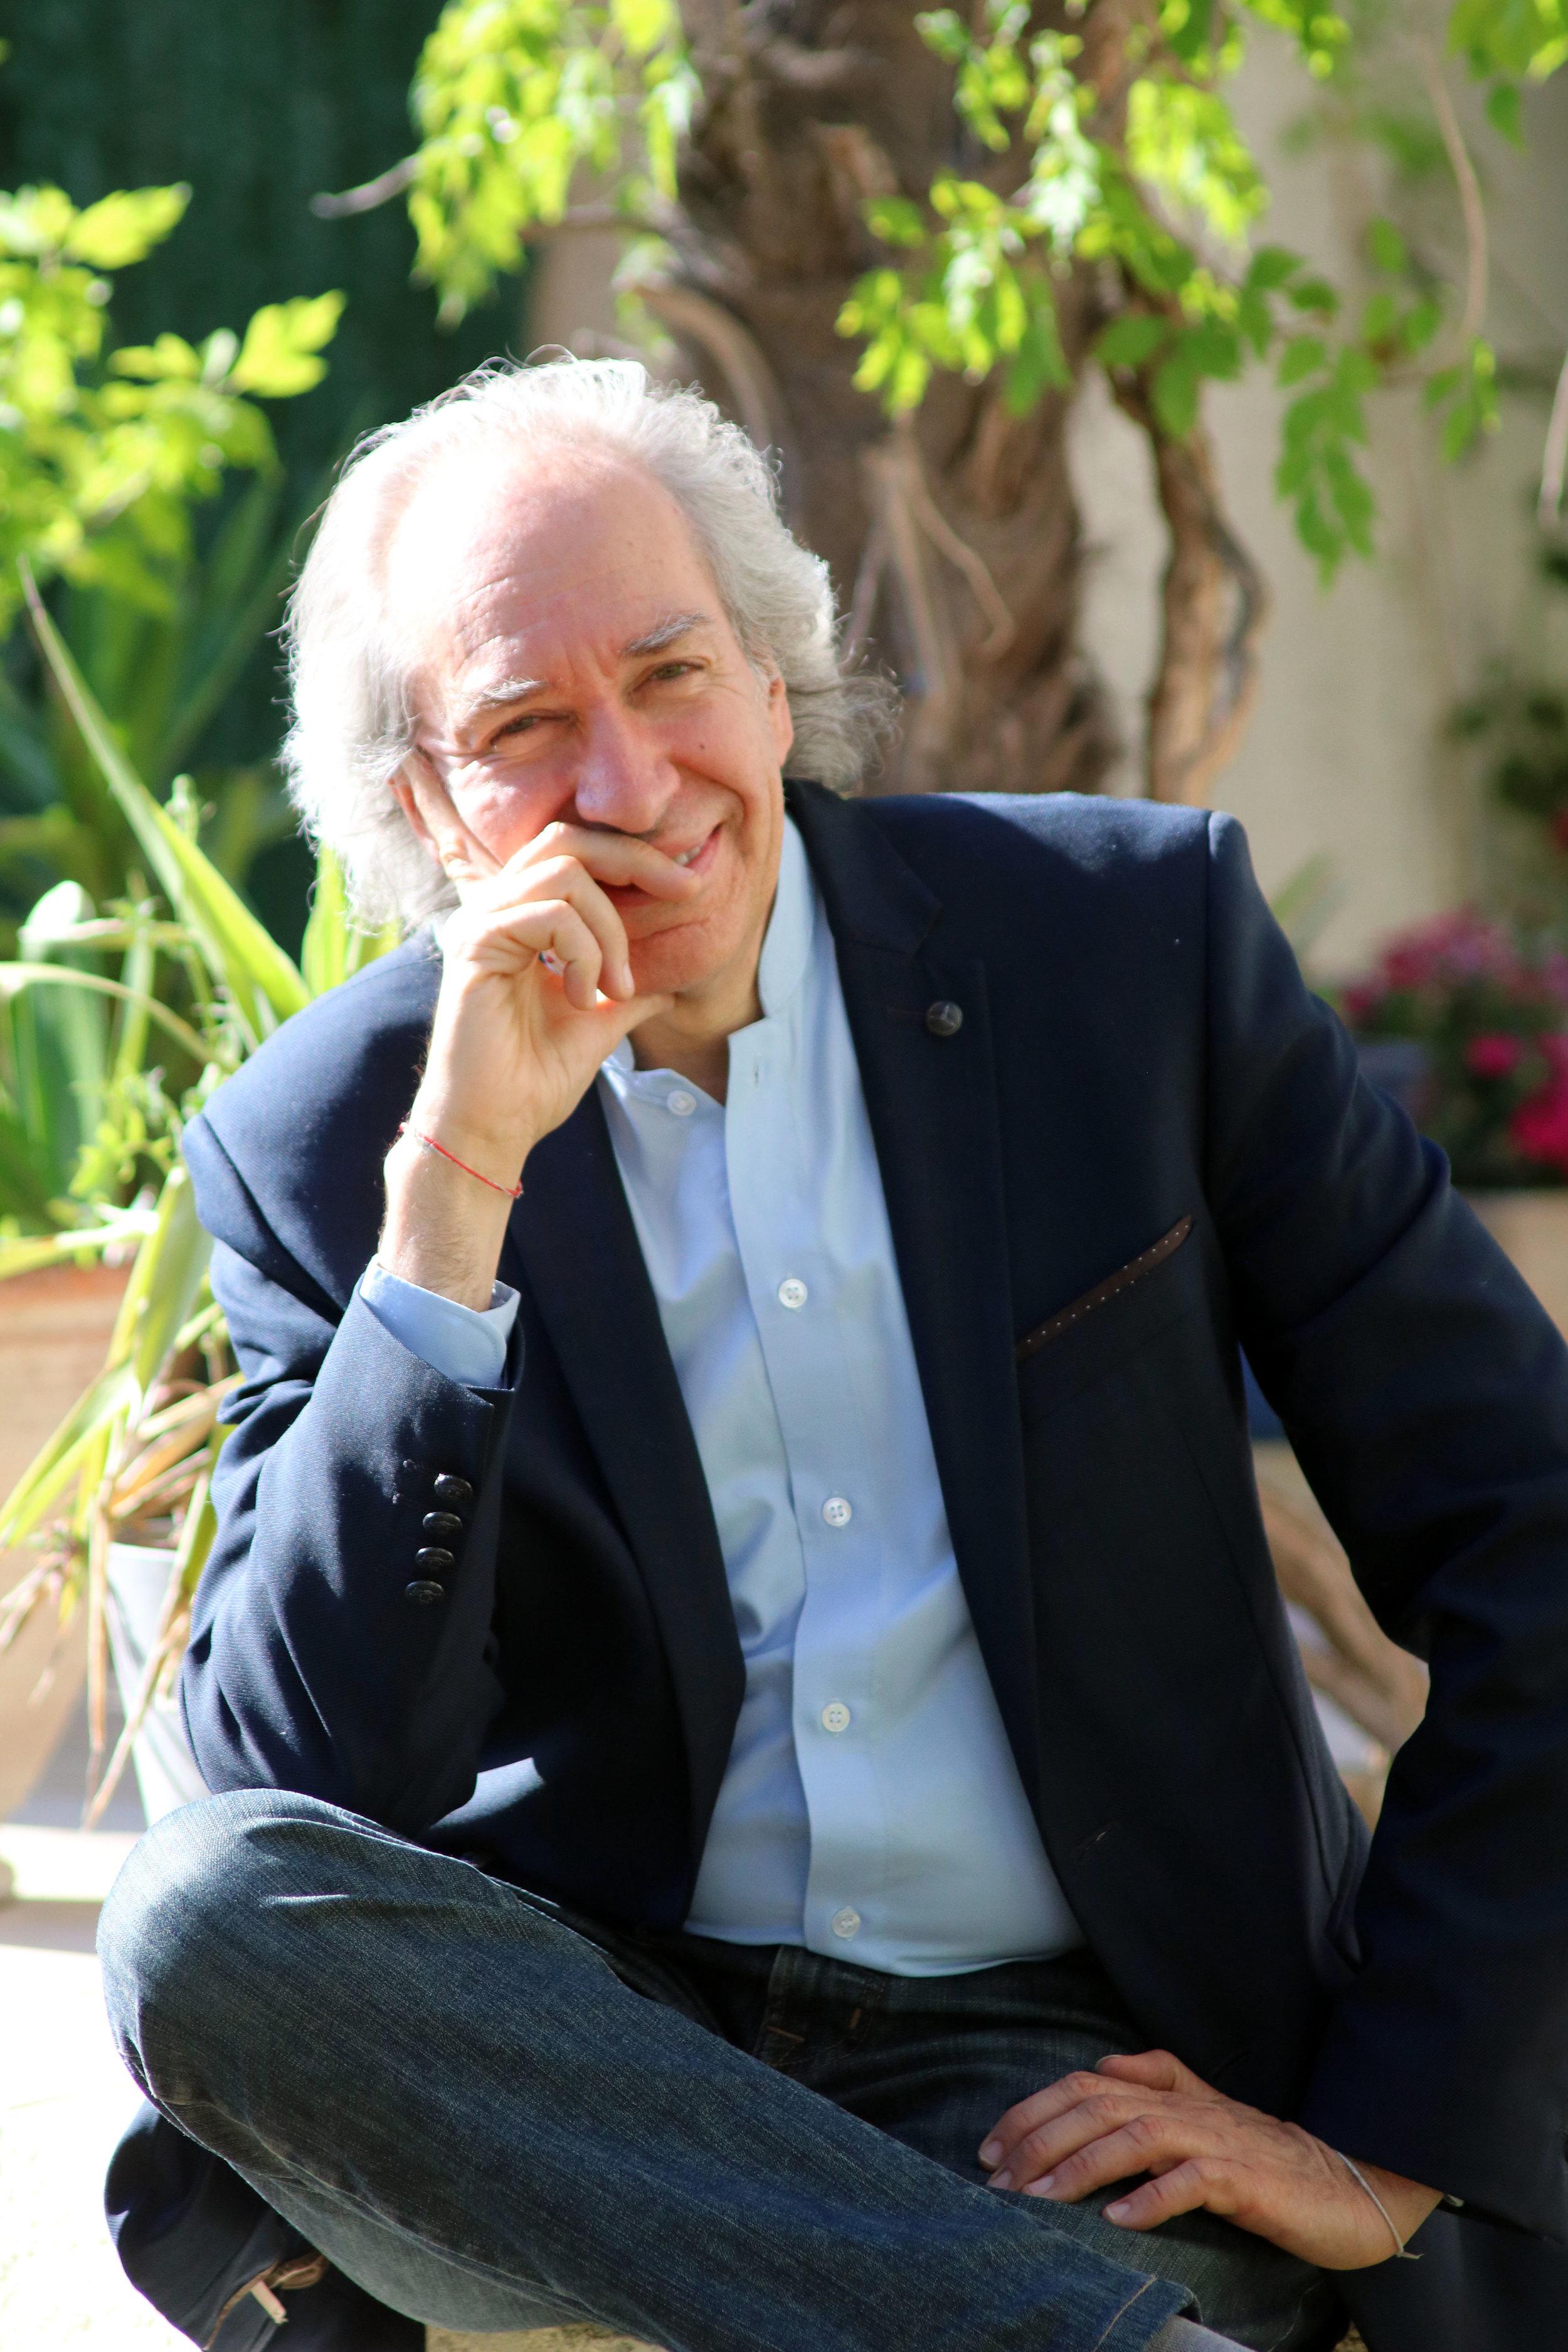 Philippe Bobola - Son parcours a d'abord commencé par un Doctorat en physique, puis la biologie qui l'a fait pénétrer la complexité du vivant et pour finir l'anthropologie, la psychanalyse adlérienne et le coaching sont venus compléter de façon évidente et naturelle cet itinéraire de « cherchant ».Loin d'être qu'une accumulation de connaissances théoriques, ce parcours lui a permis de mieux comprendre le monde de la matière et du vivant, de prendre conscience de ses croyances occidentales notamment lors de longs séjours chez les peuples premiers. A présent, il fait bénéficier les participants lors de ses formations de ce savoir pluridisciplinaire en leur faisant vivre un gai savoir libérateur, discernant et reliant.Philippe Bobola leur propose selon lui, d'acquérir les outils nécessaires à ce début de XXIème siècle sujet à de profonds bouleversements.